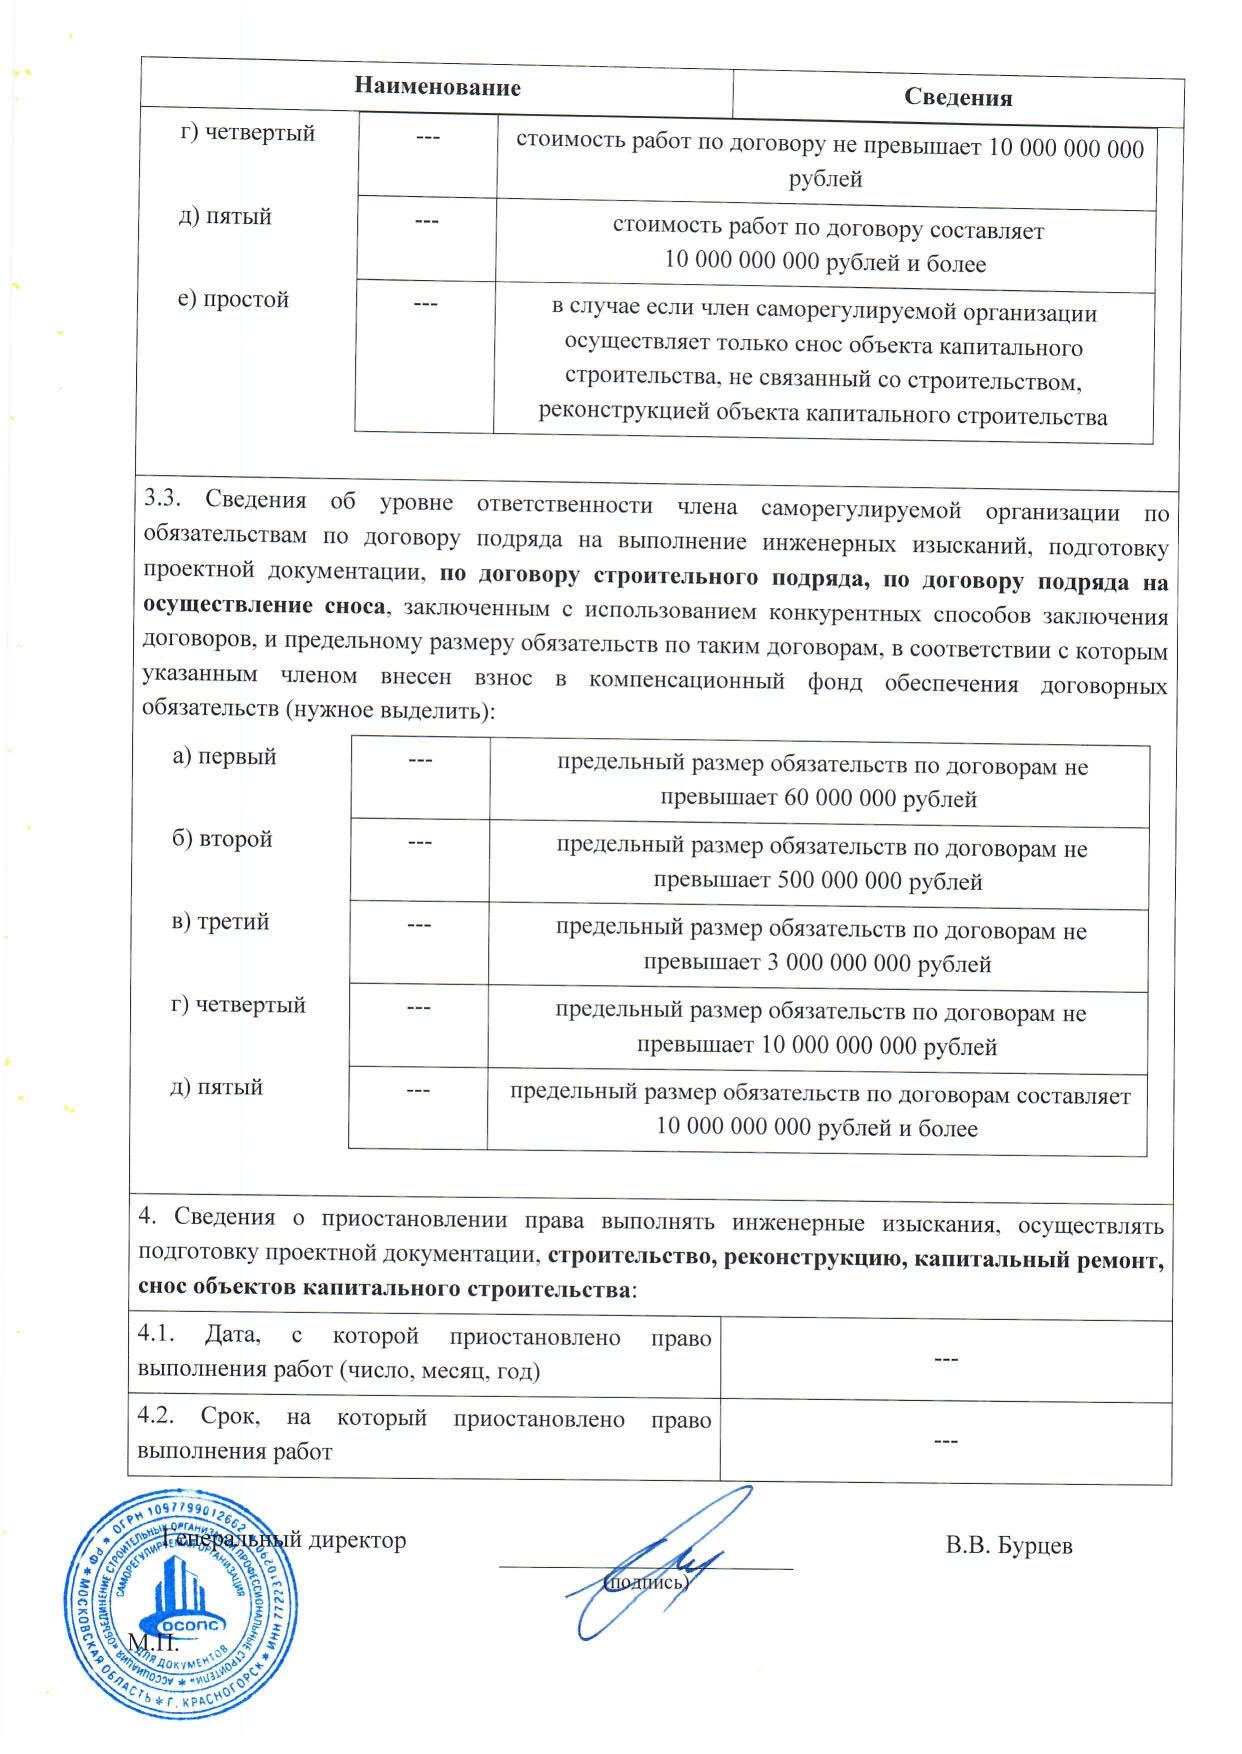 Выписка СРО ОСОПС СК ЭСТ 13 янв 2021_3